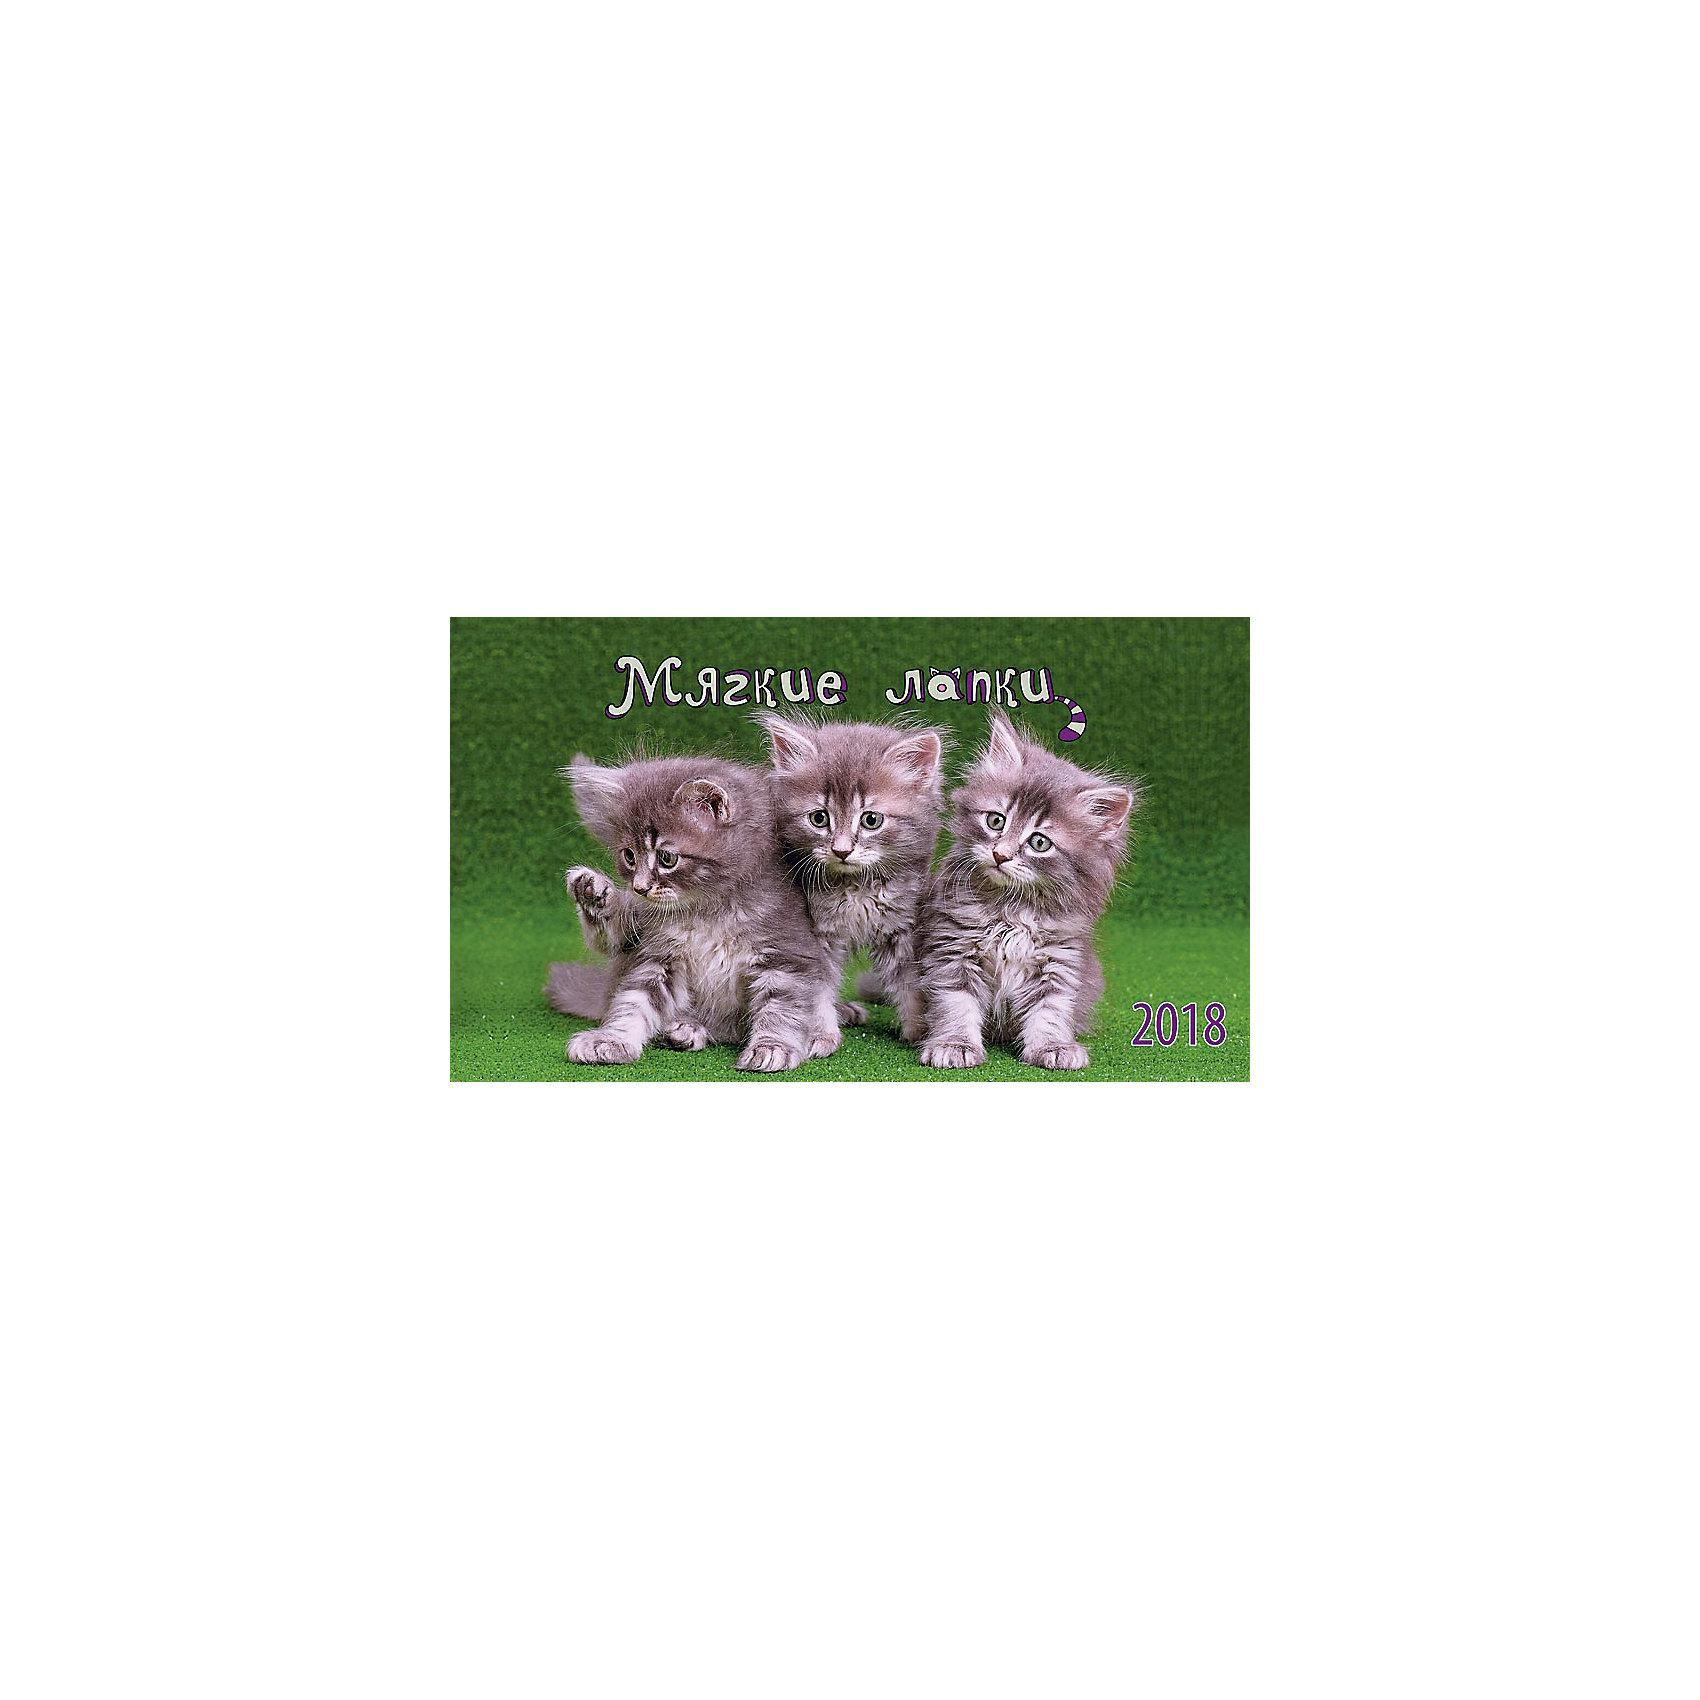 Календарь 2018 настольный перекидной Мягкие лапкиНовогодние календари<br>Календарь настольный домик, размер 210х122мм, крепление - металическая пружина, упакован в индивидуальный пакет. Тема календаря Мягкие лапки - с фотографиями кошек. Календарь на новый год станет приятным дополнением к любому подарку.<br><br>Ширина мм: 122<br>Глубина мм: 210<br>Высота мм: 9999<br>Вес г: 108<br>Возраст от месяцев: -2147483648<br>Возраст до месяцев: 2147483647<br>Пол: Унисекс<br>Возраст: Детский<br>SKU: 7129589